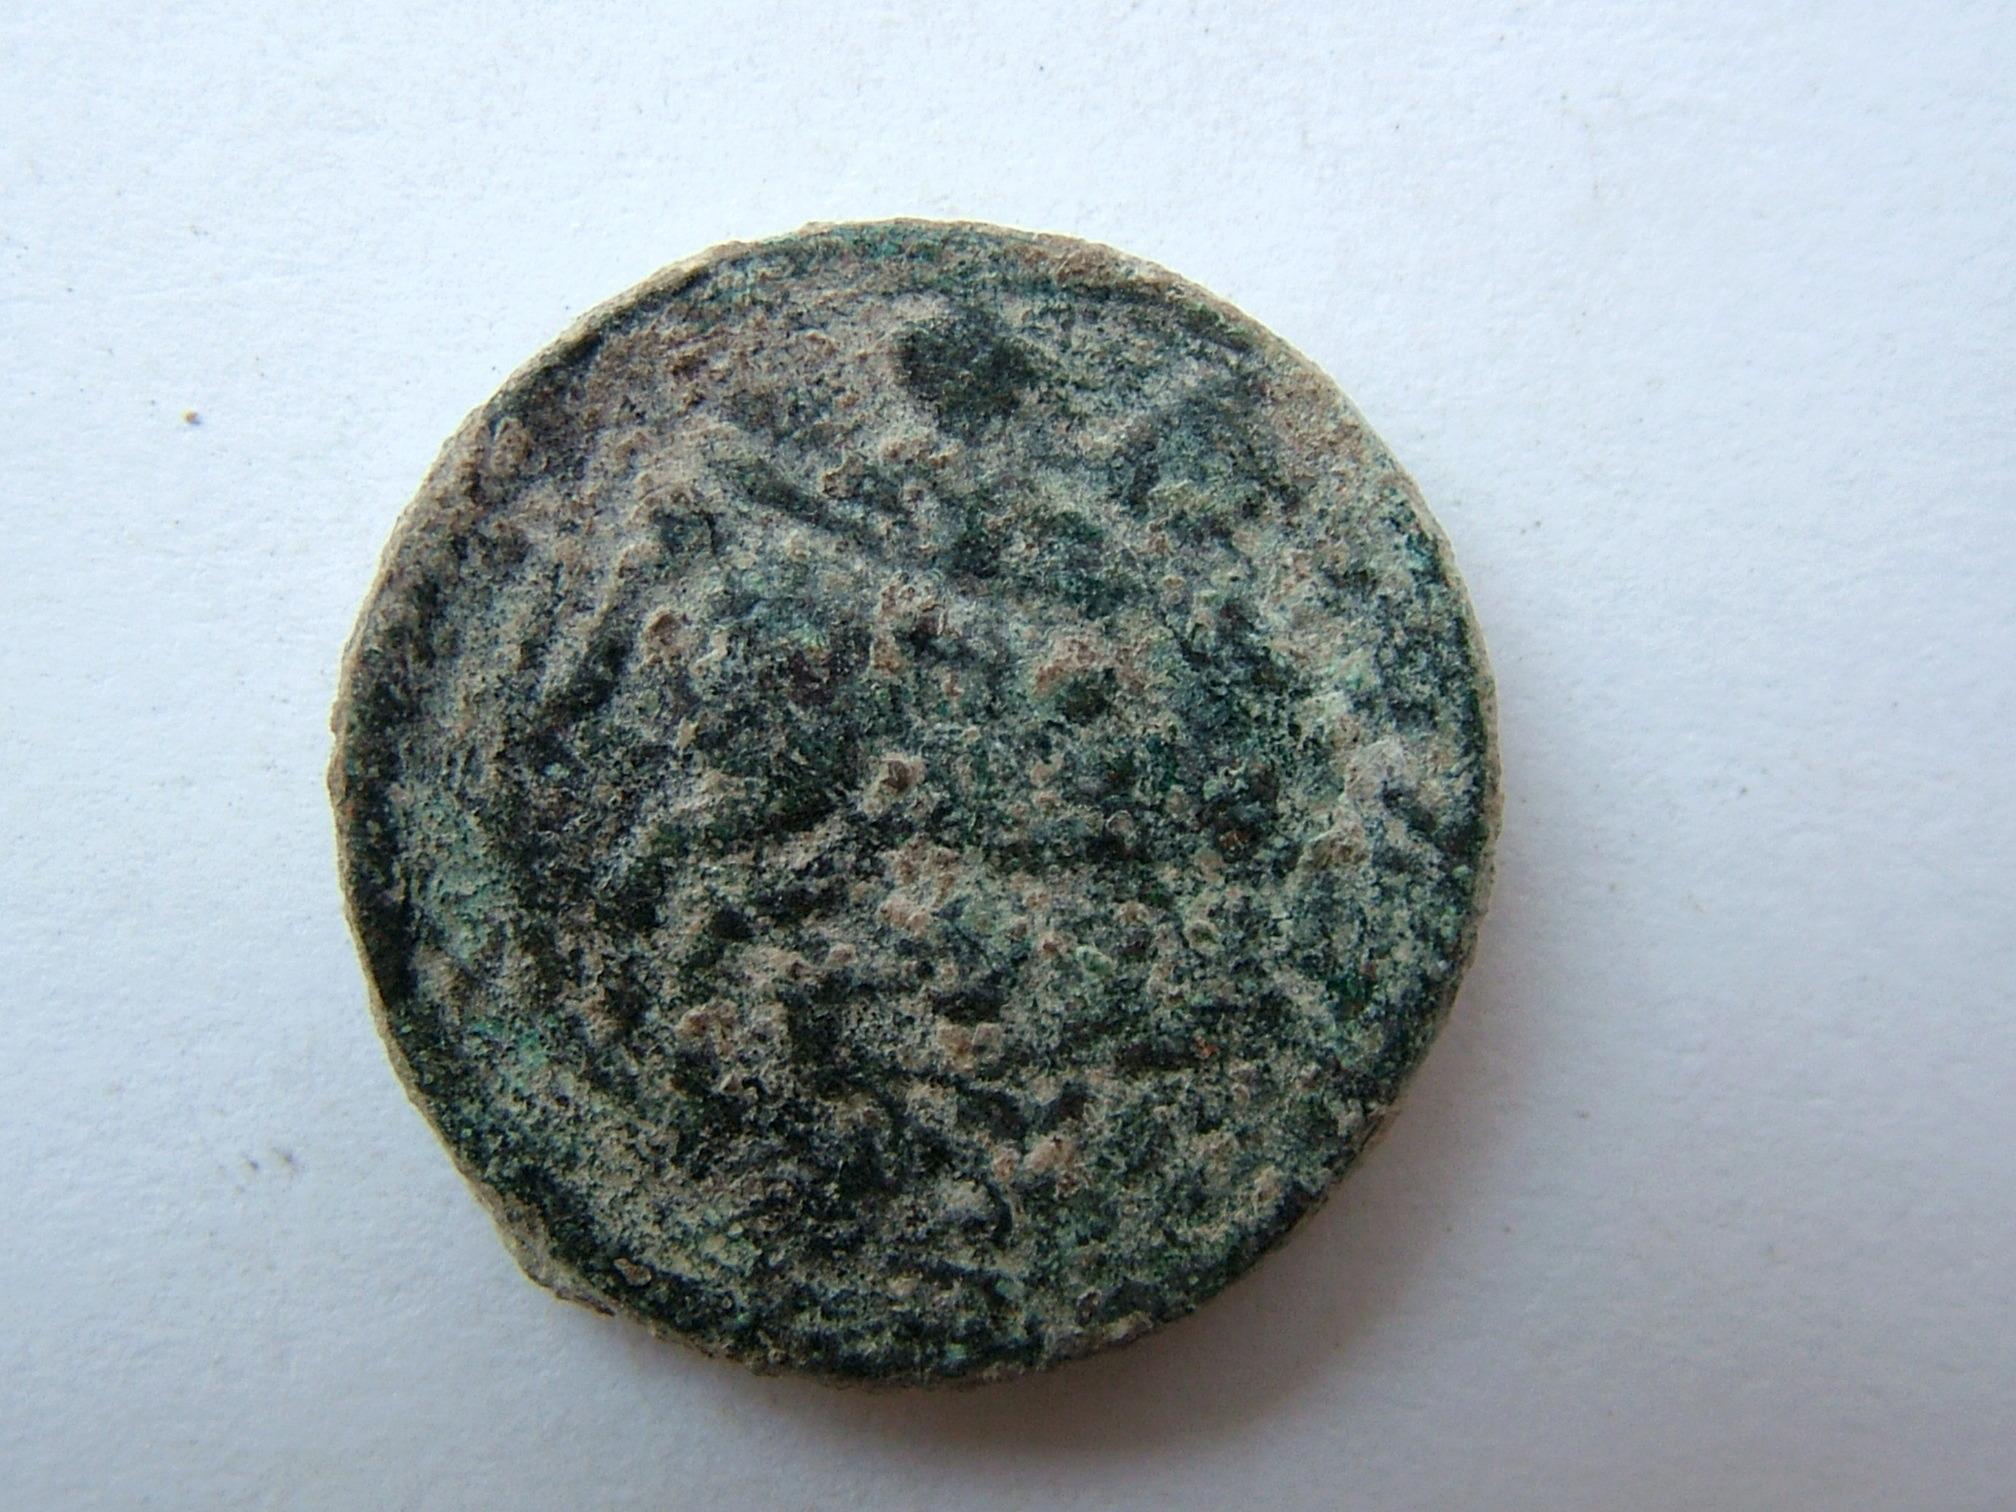 Imágenes a gran escala de pátinas y monedas falsas. Escalofriante (+18). 03_rev10